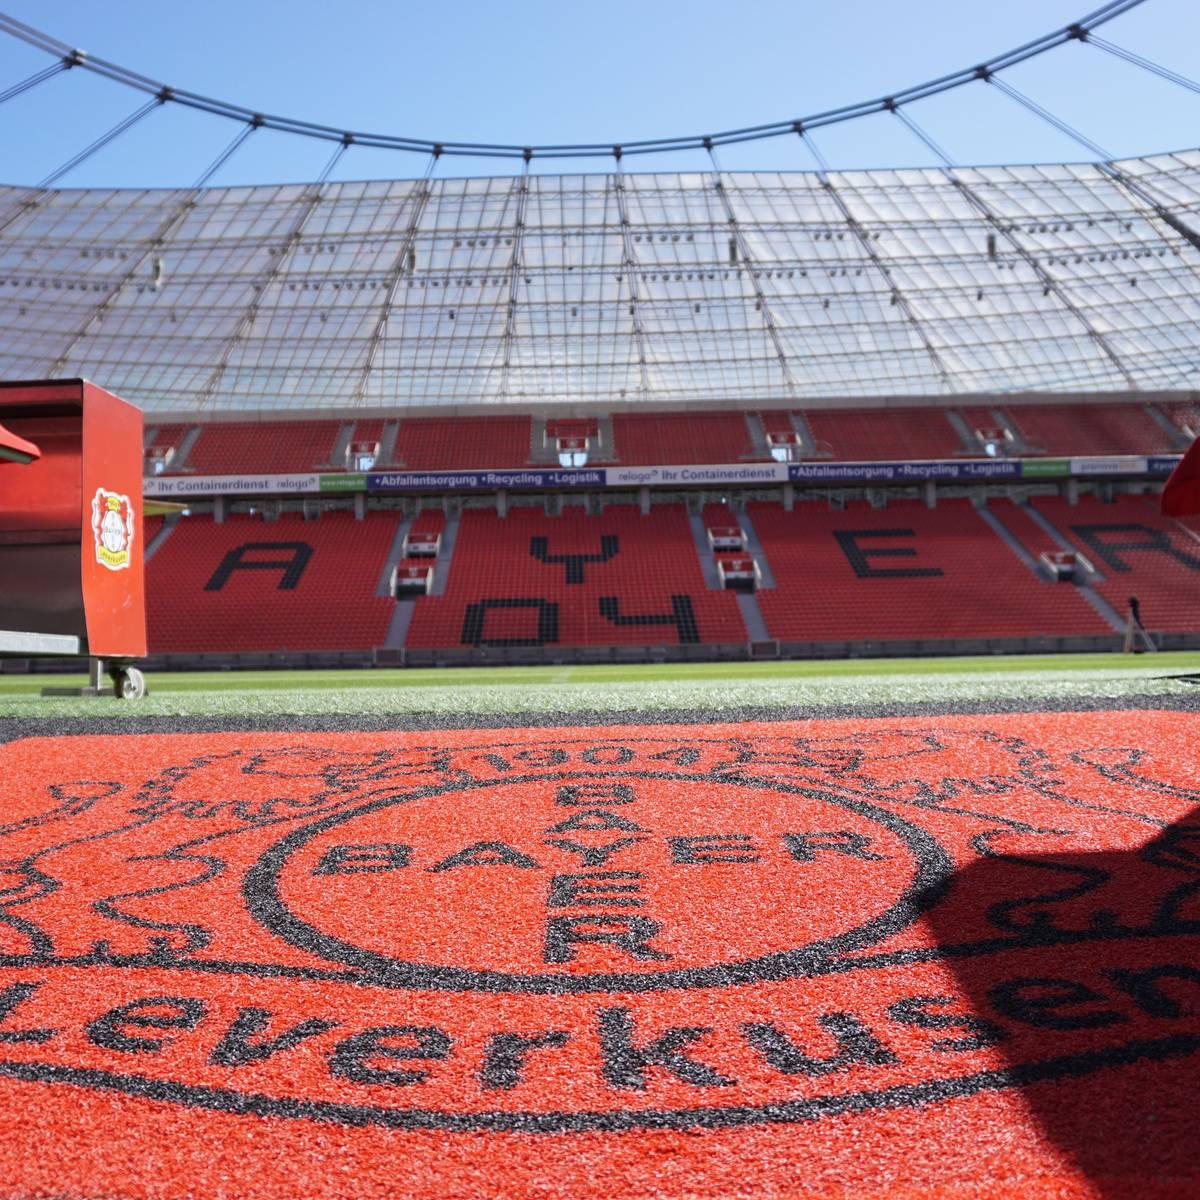 Heimspiele Bayer Leverkusen